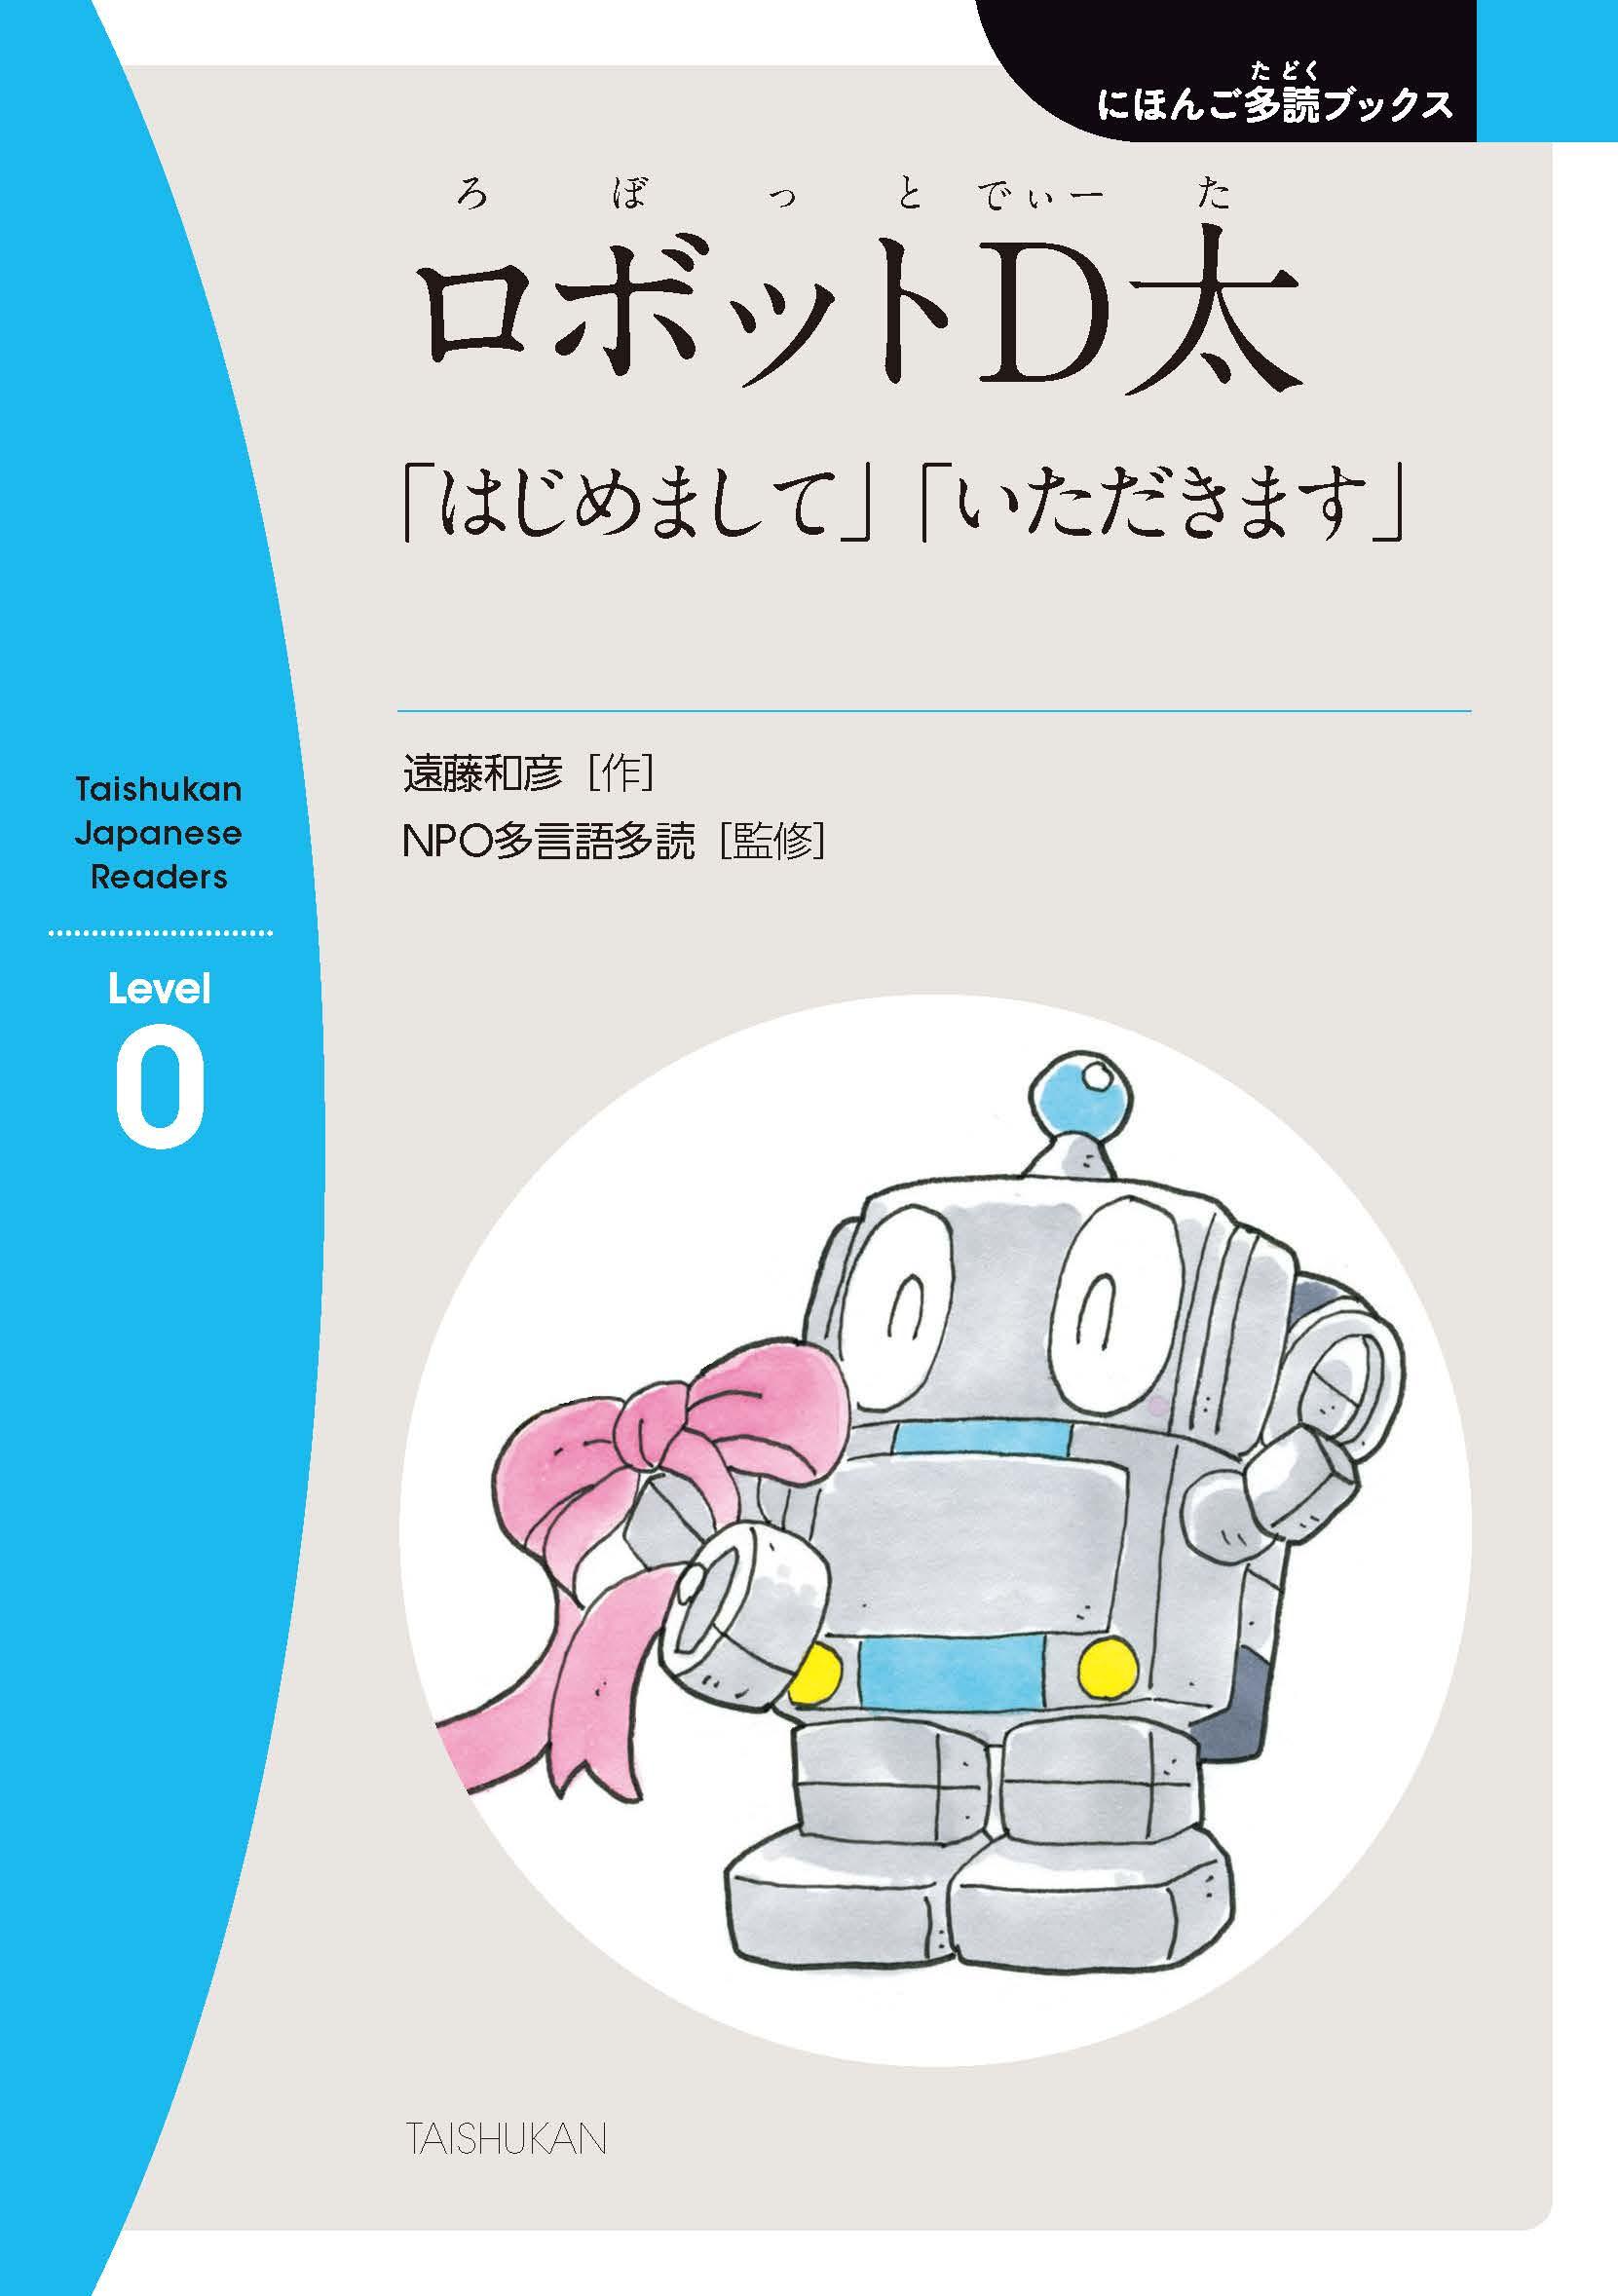 ロボットD太―「はじめまして」「いただきます」